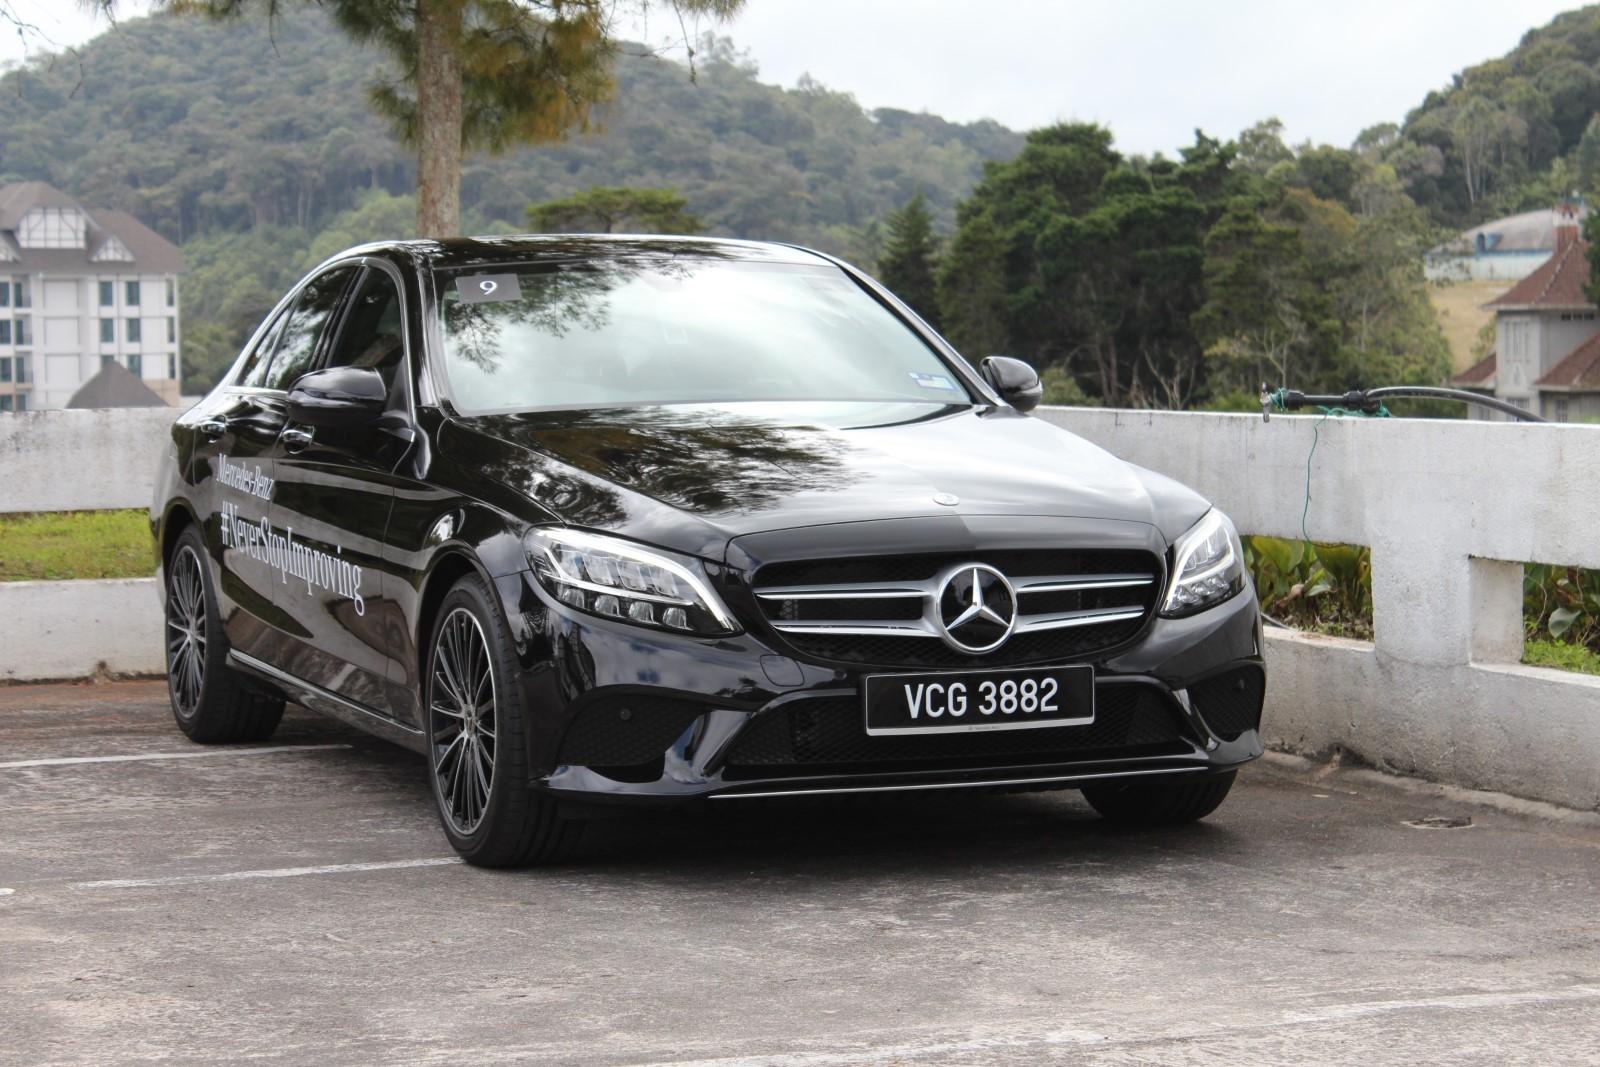 Deal breakers: Mercedes-Benz C-Class' ride comfort and handling need major improvement